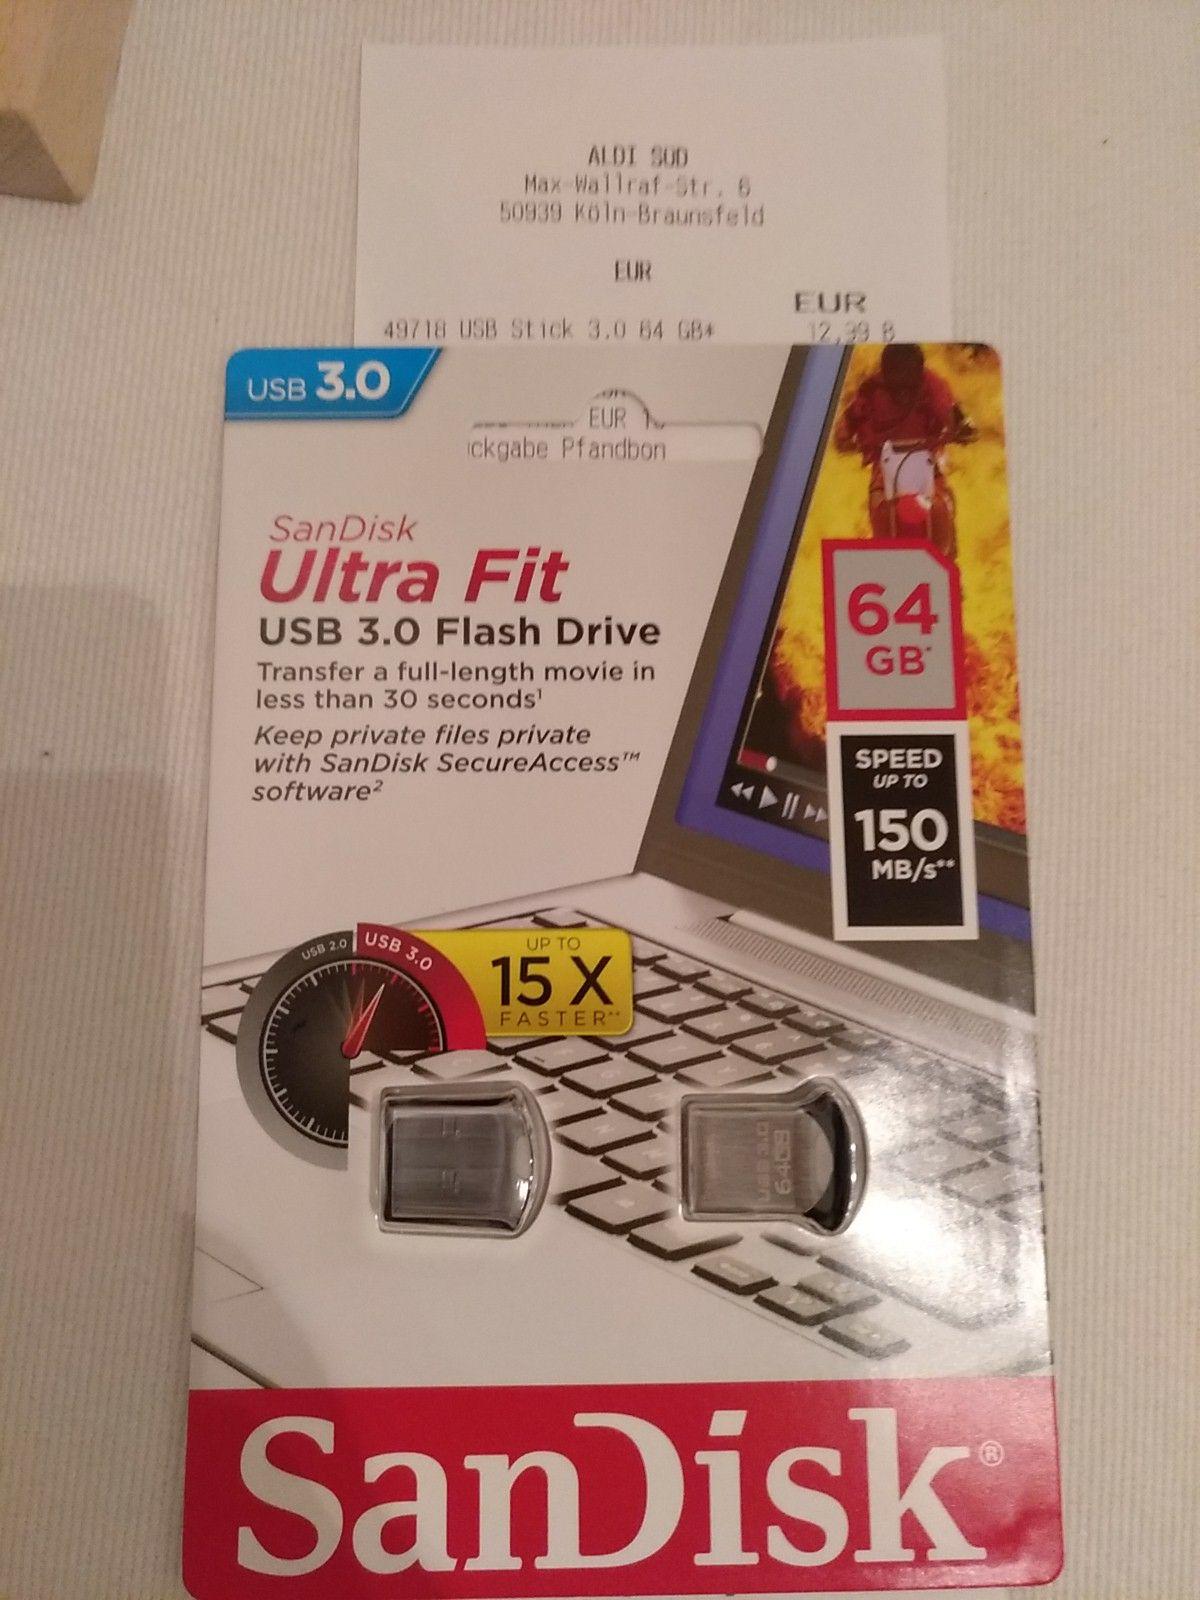 [lokal Aldi Süd] USB Stick SanDisk Ultra Fit 64GB, USB 3.0